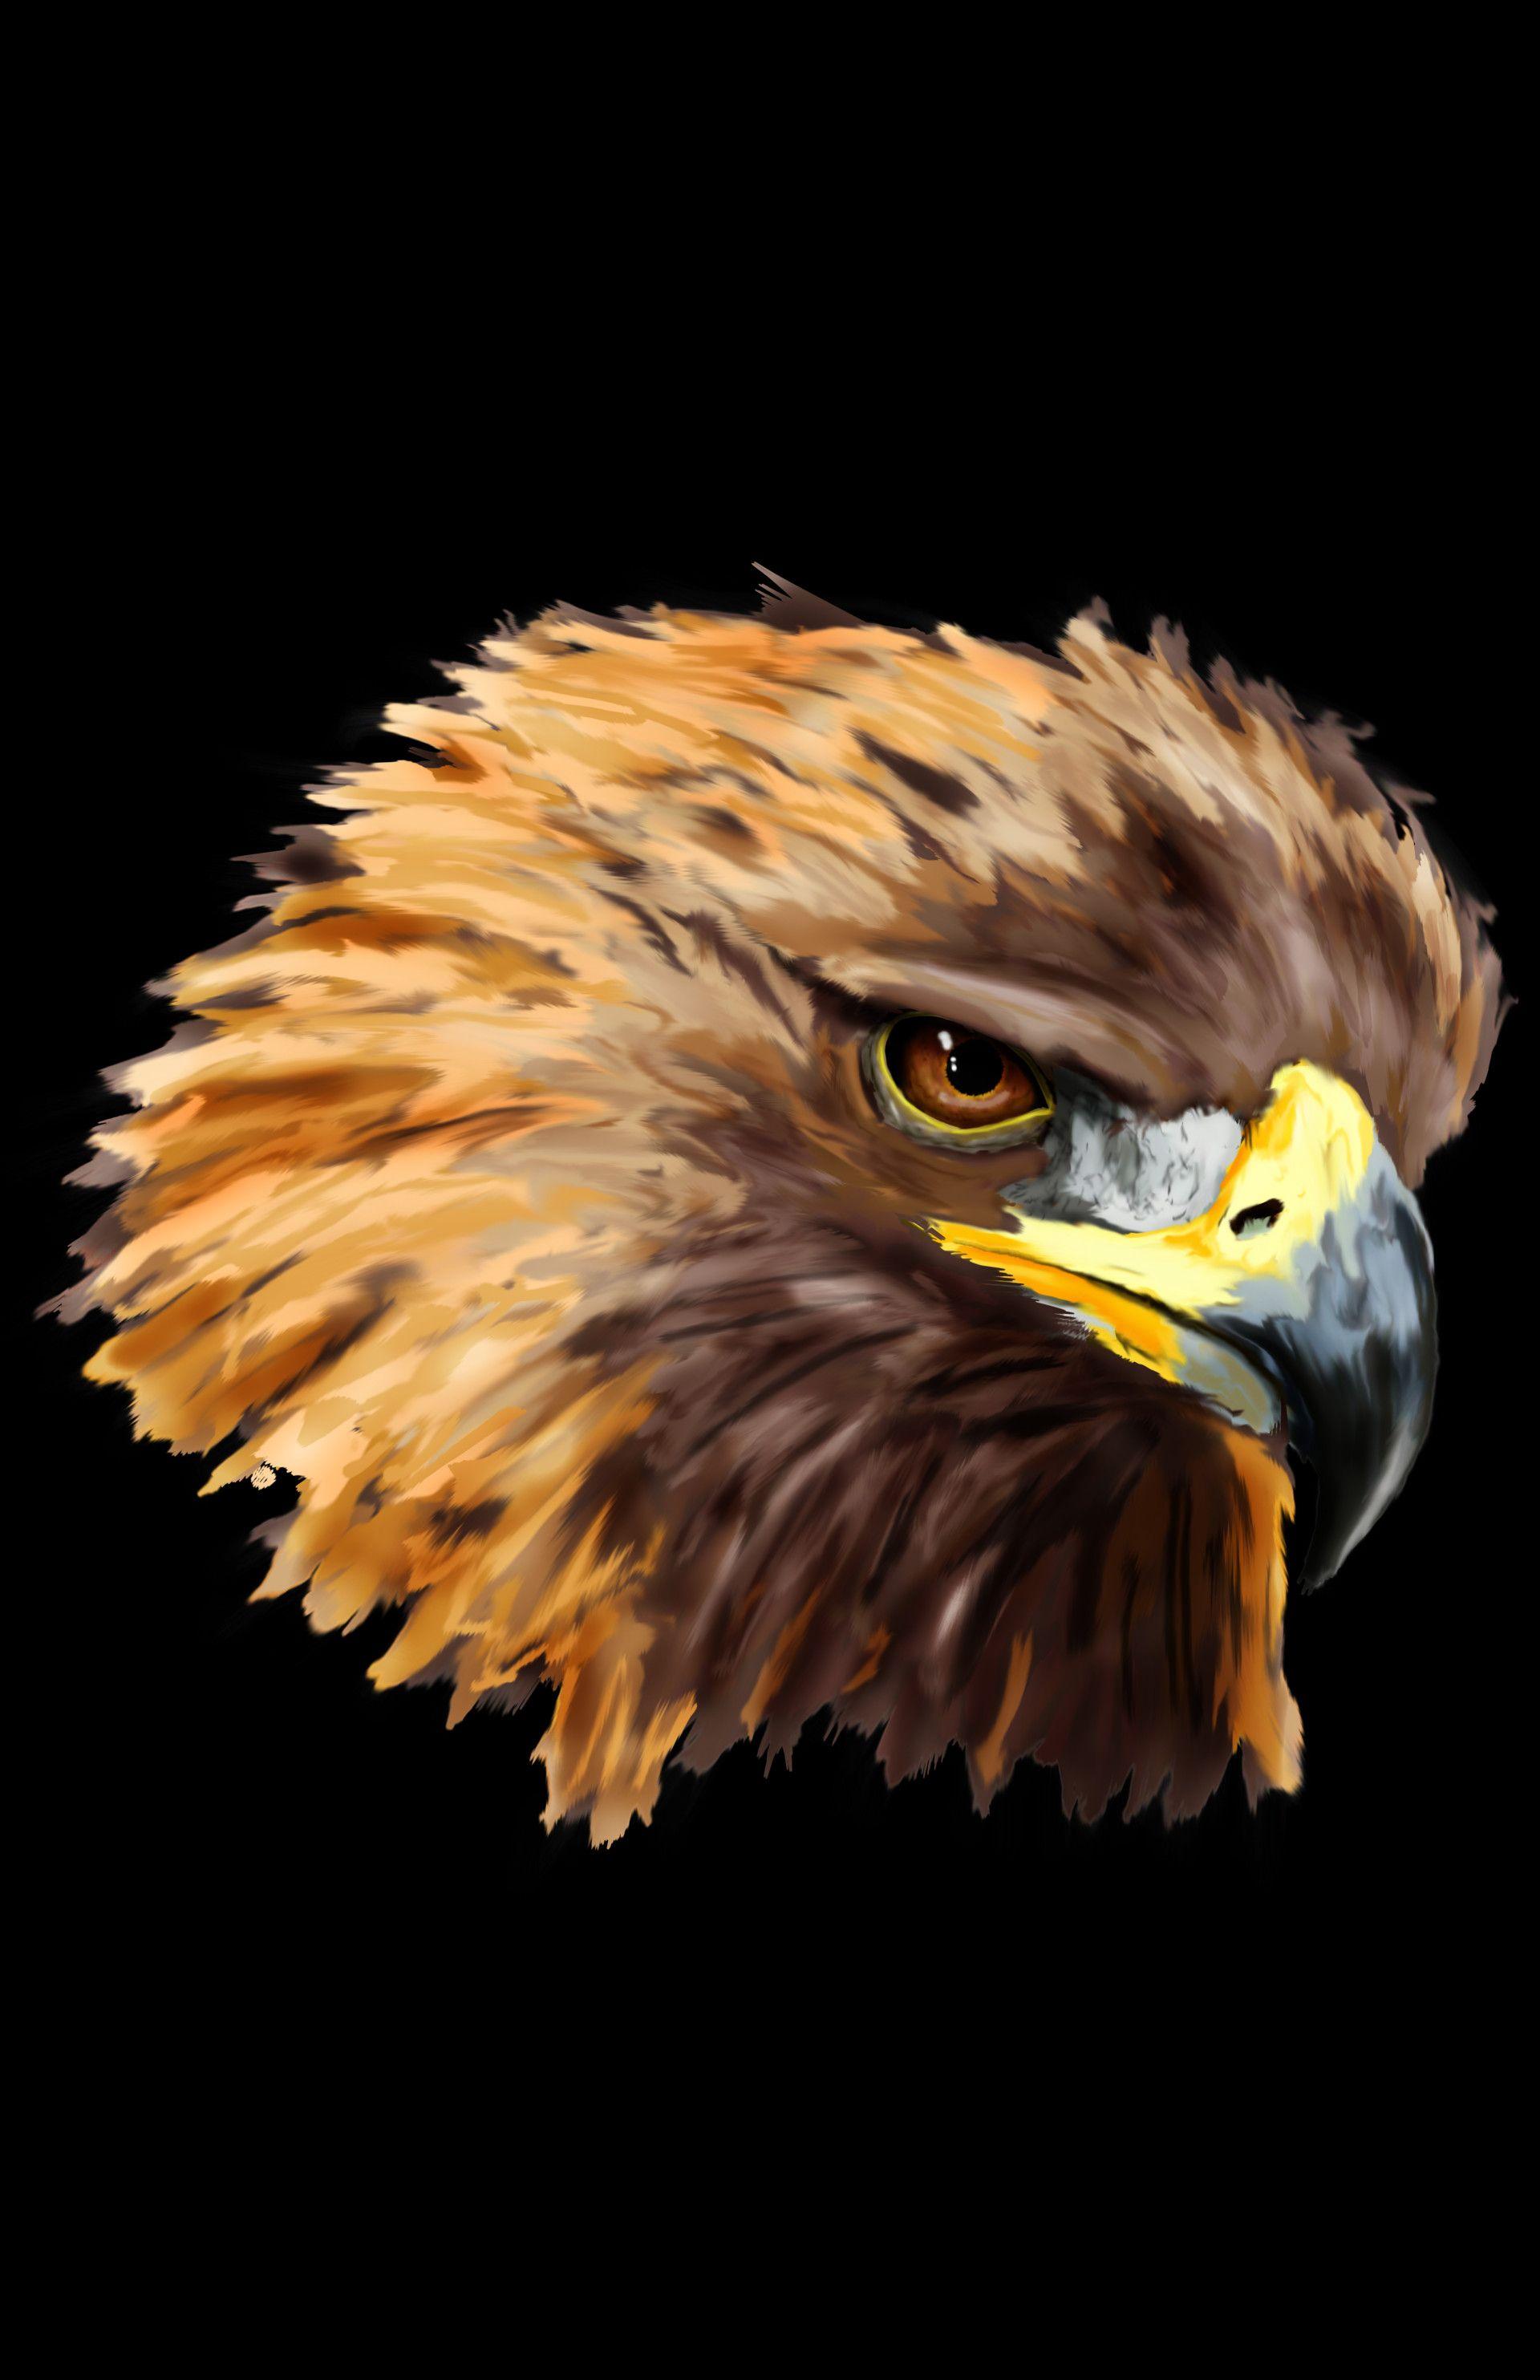 ArtStation - Golden Eagle Head Painting, Jayden McLeod | Animal Art ...